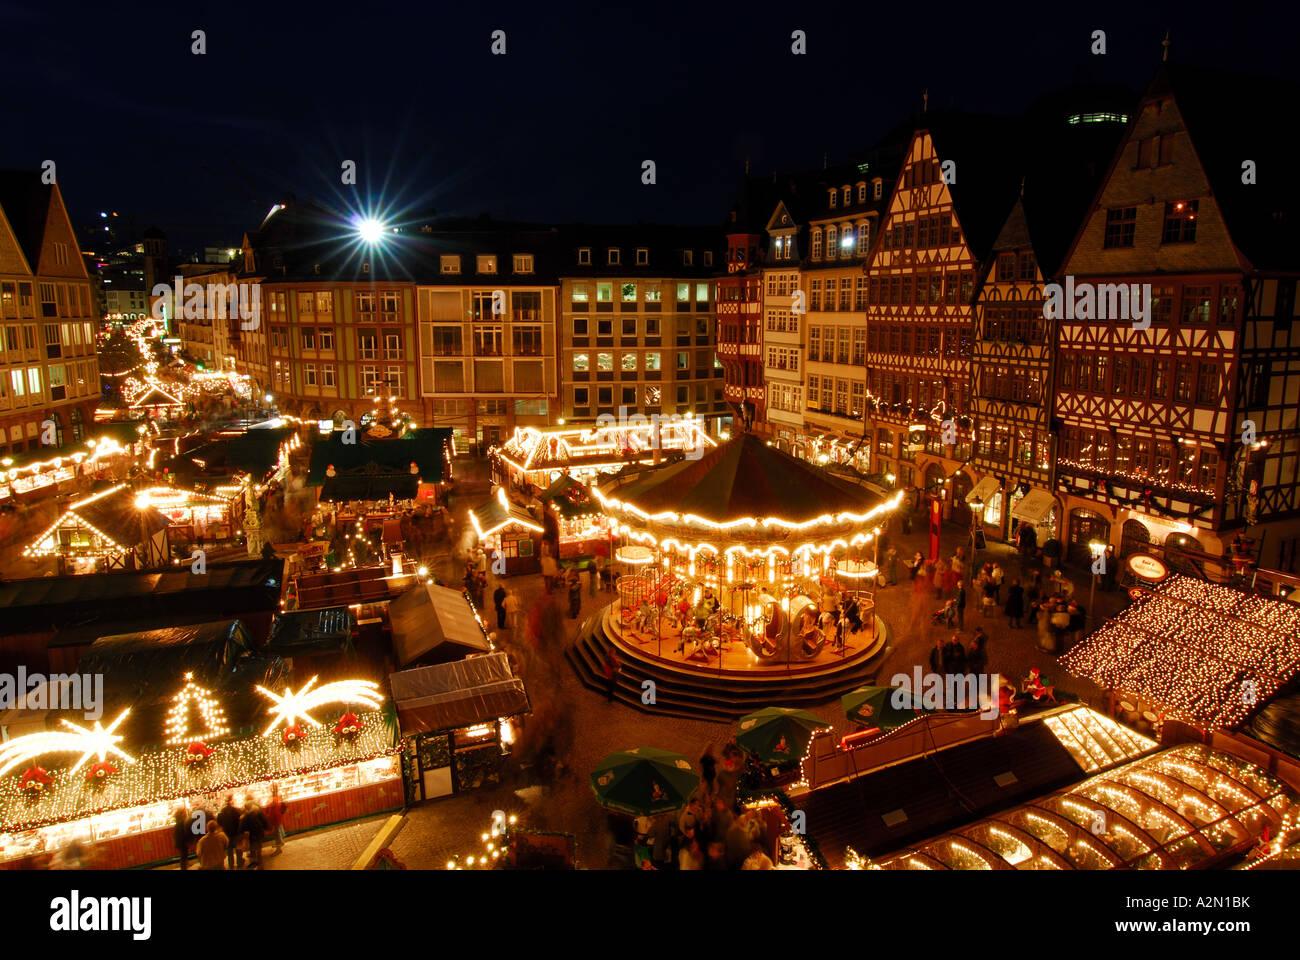 Weihnachtsmarkt Frankfurt Am Main.Weihnachtsmarkt Frankfurt Am Main Deutschland Stockfoto Bild